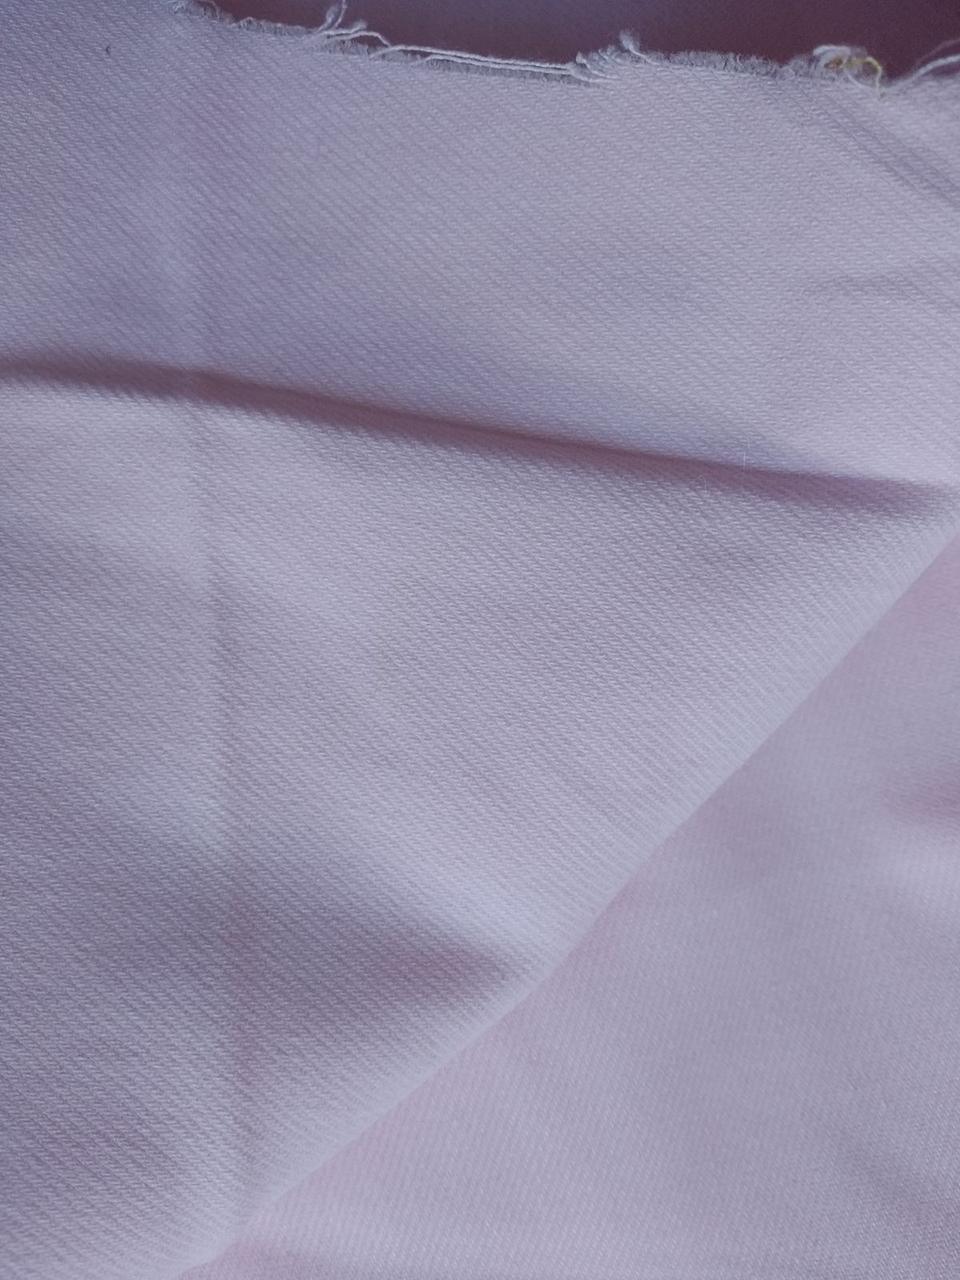 Джинс тканина колір рожевий